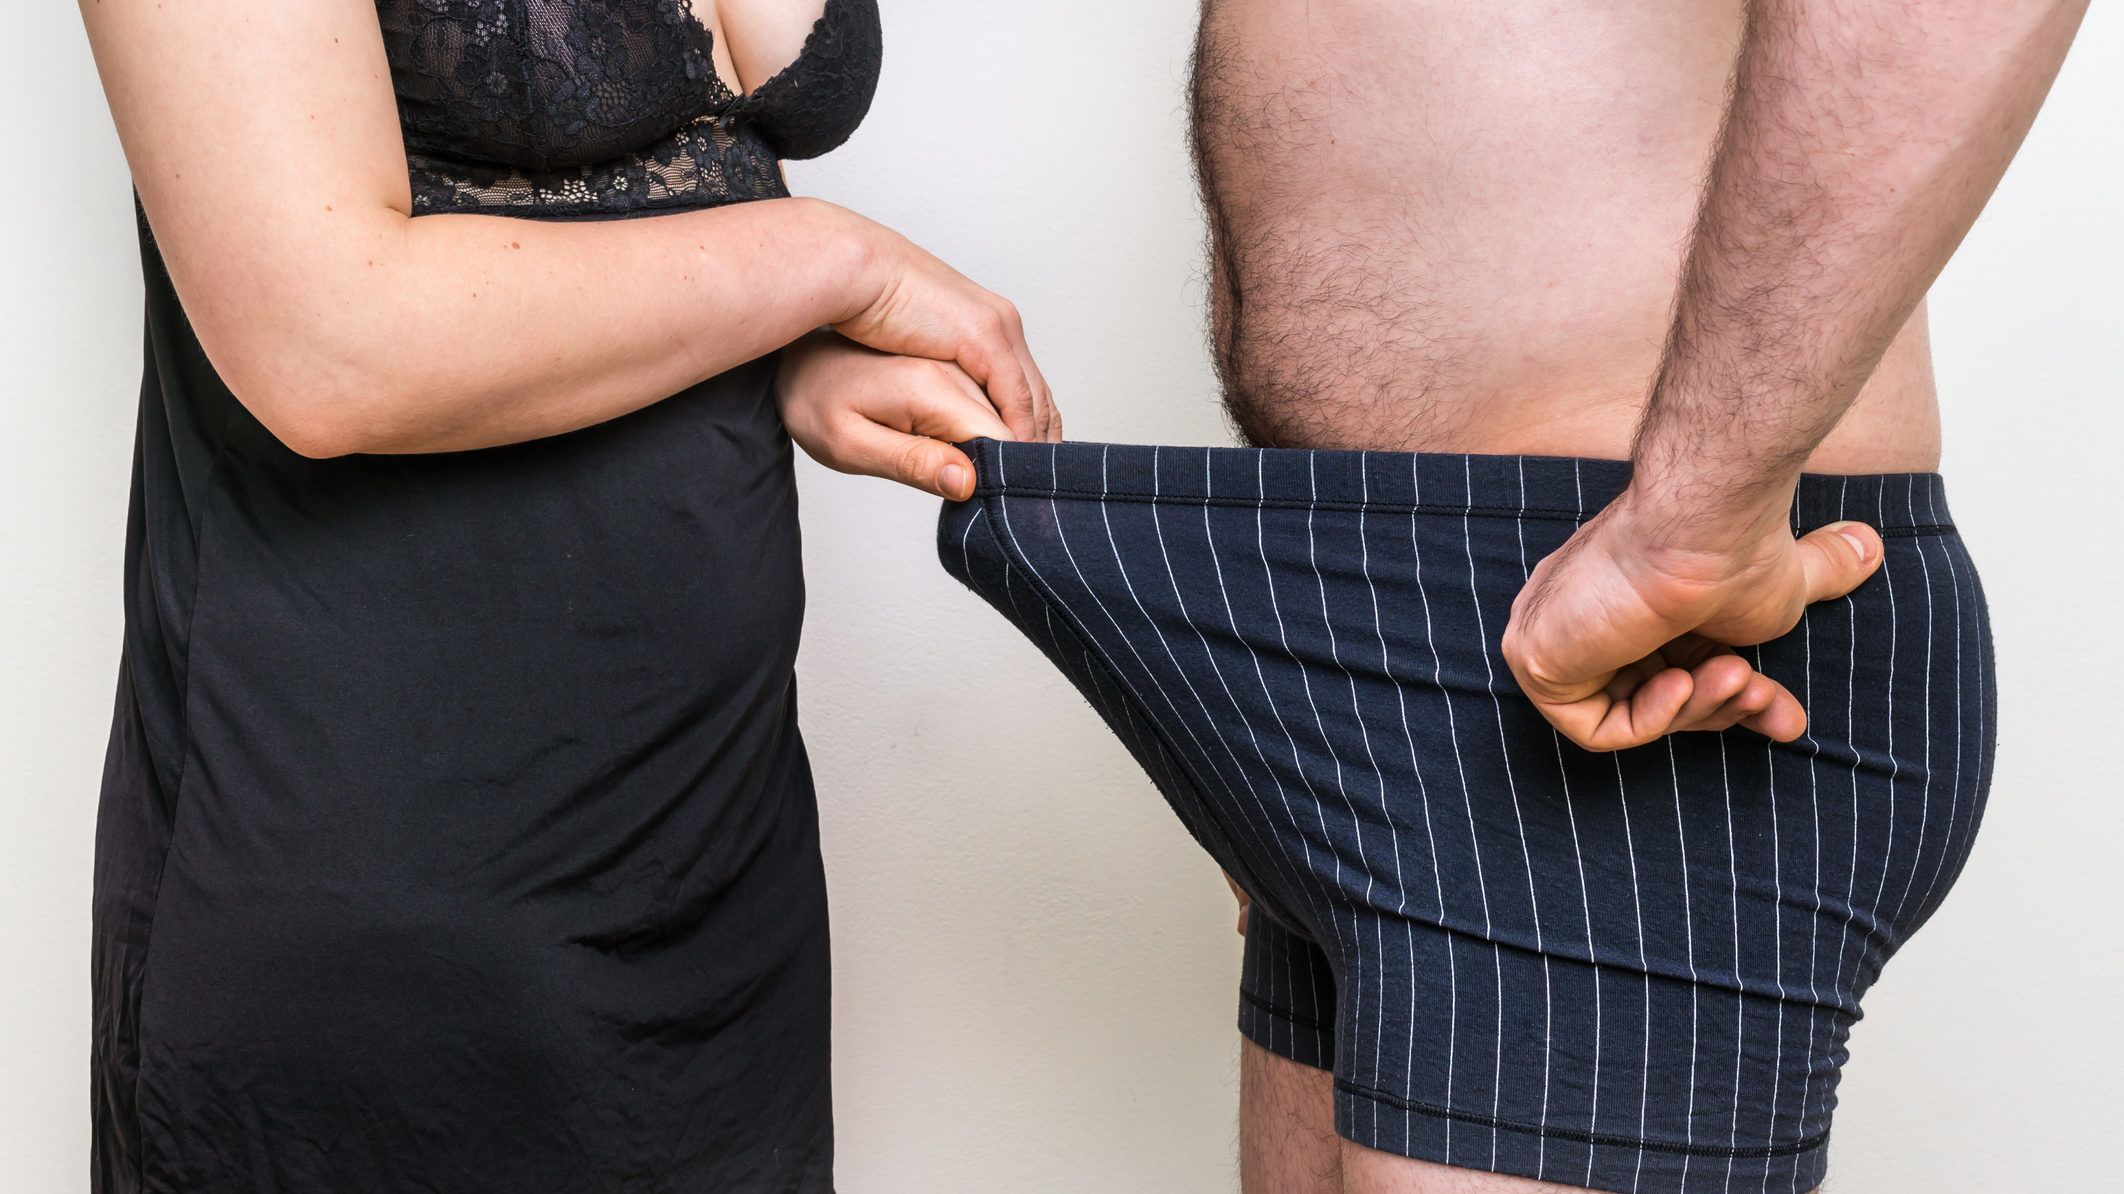 hogyan lehet növelni a pénisz péniszének hosszát)